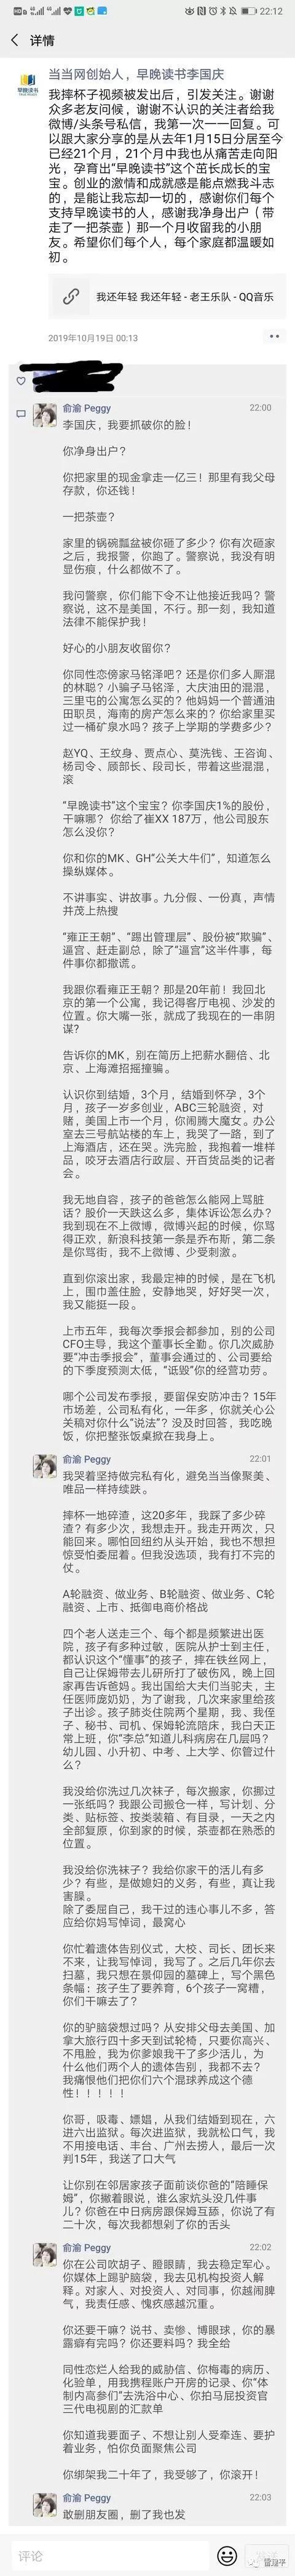 """澳门博彩博狗娱乐 获8000万元B轮融资""""日志易""""用大数据帮企业搞定日志管理"""